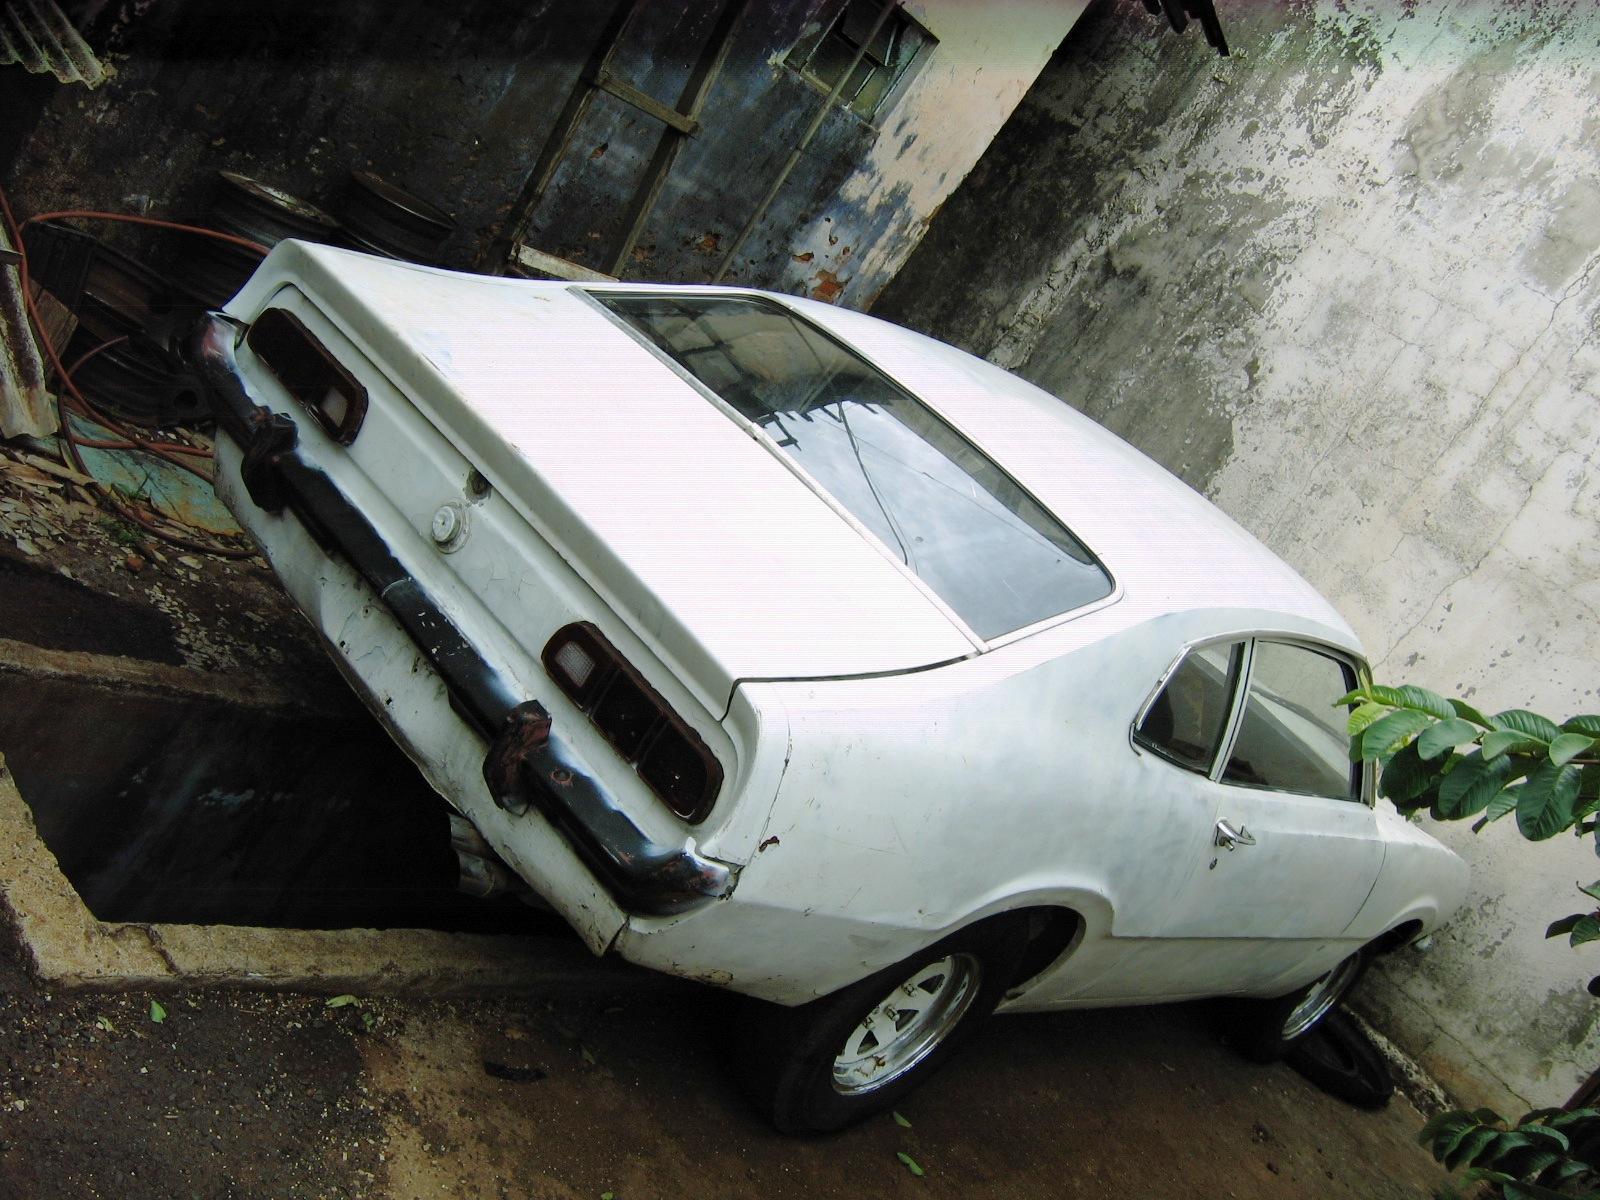 uguilherme-adarias-brodowski Ford Maverick